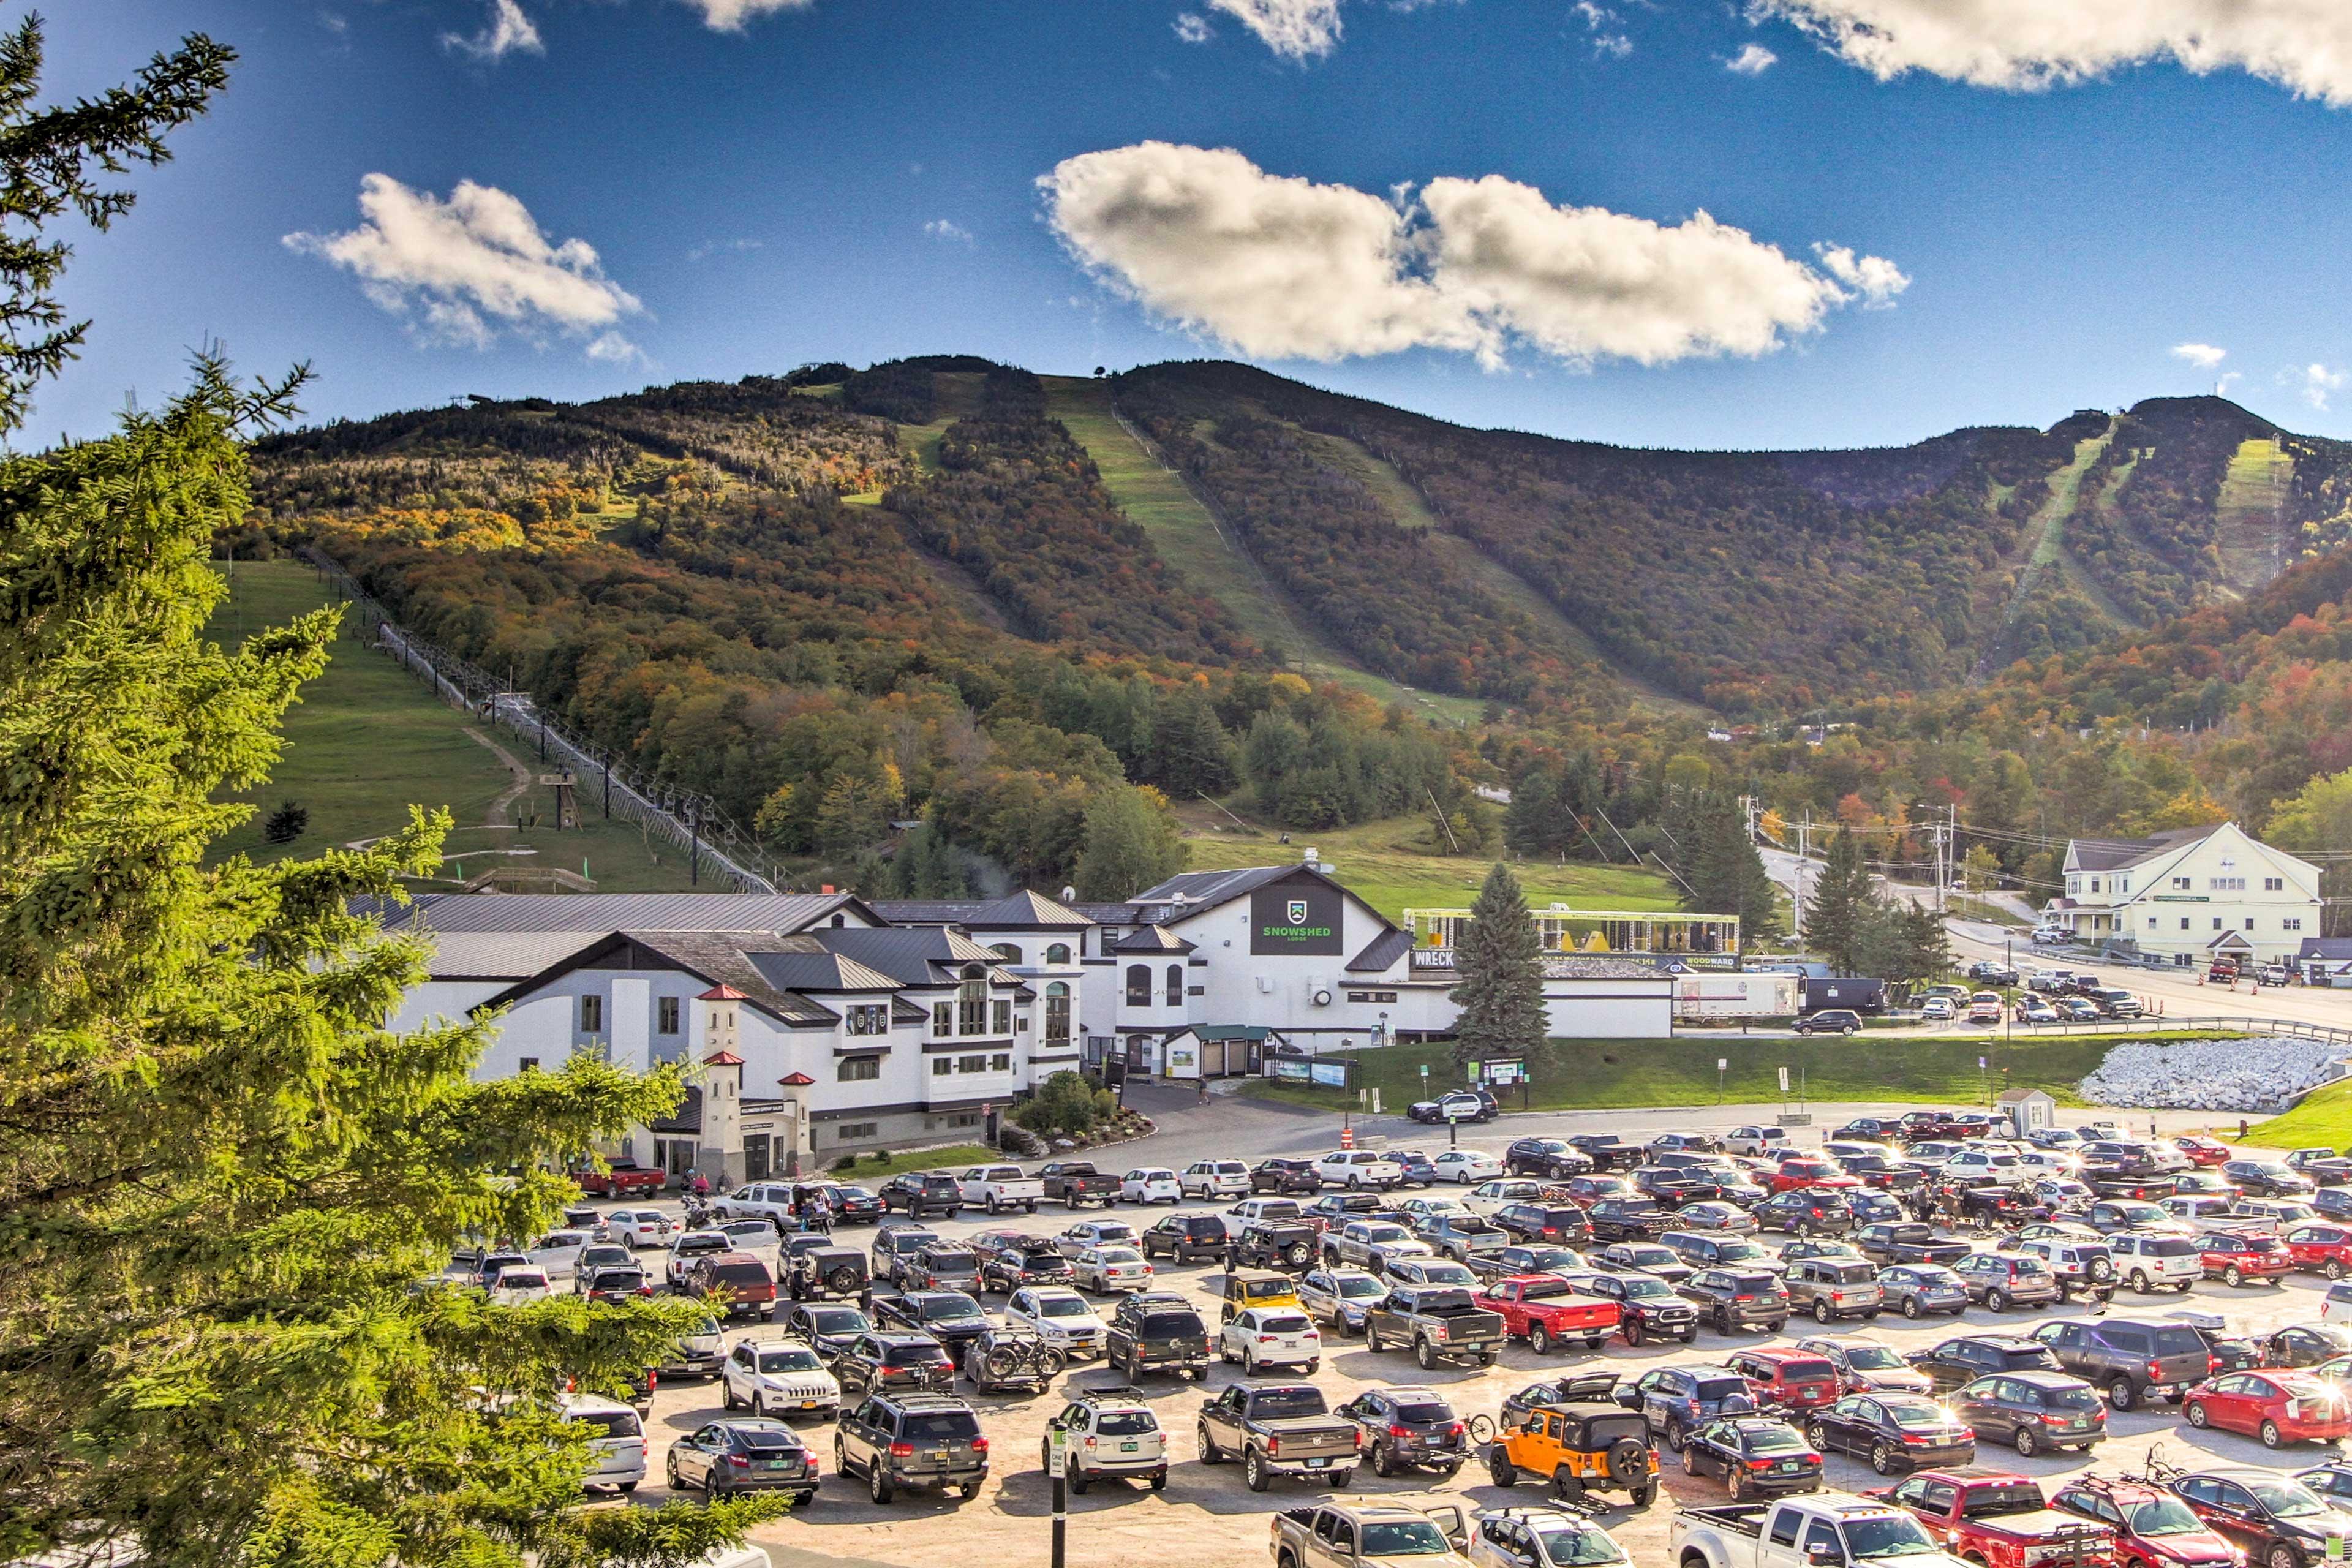 Pico Mountain Ski Resort (3.4 miles)